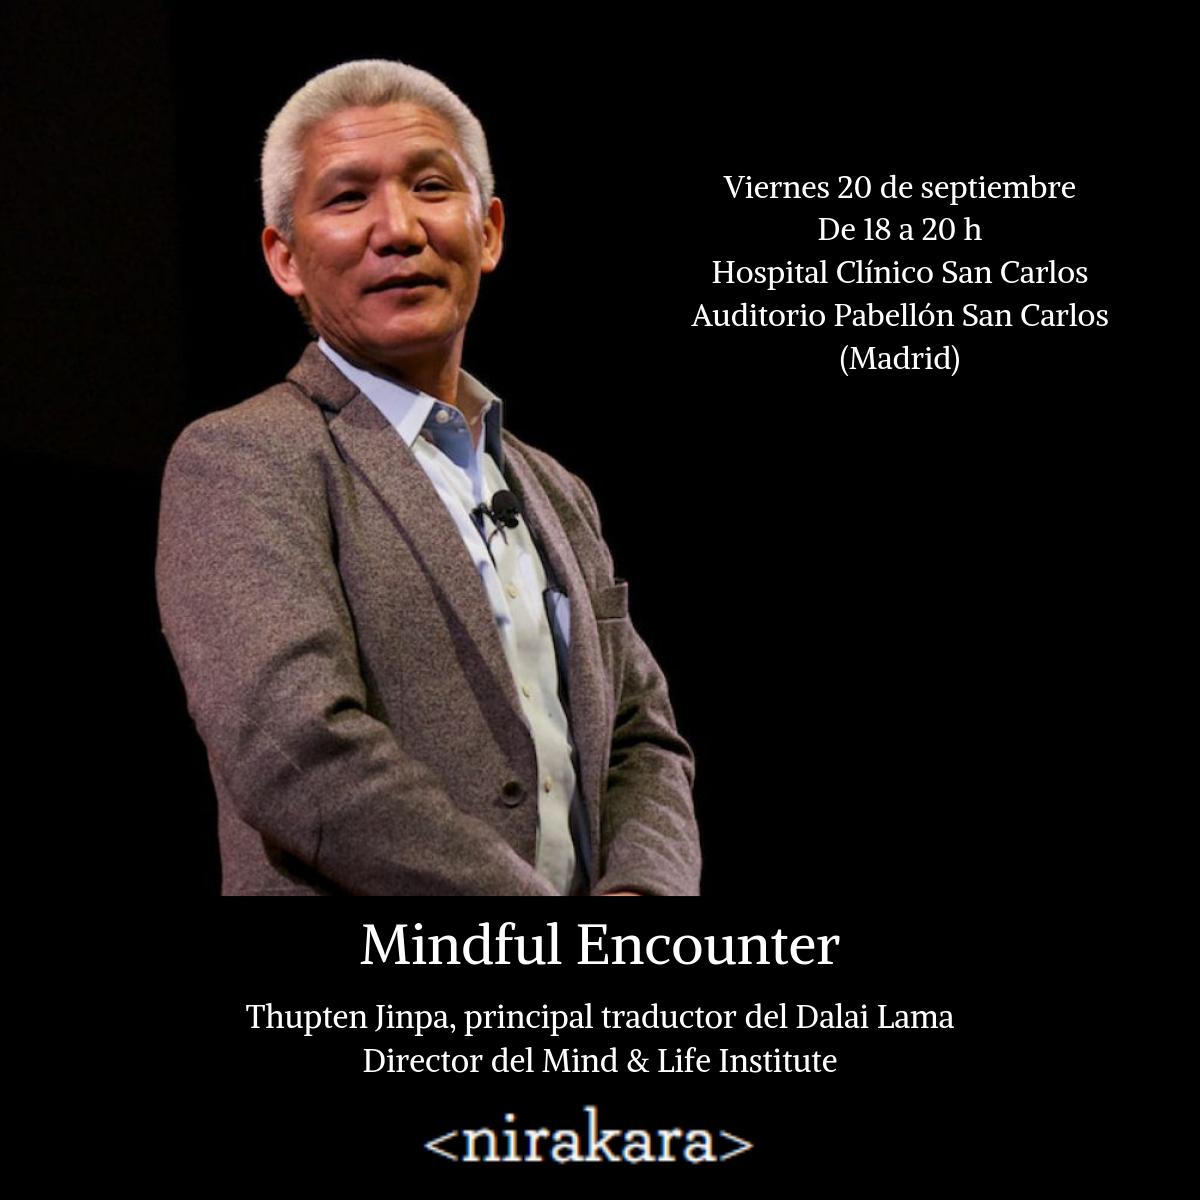 Madrid - Mindful encounter con Thupten Jinpa @ Auditorio del Pabellón San Carlos Hospital Clínico San Carlos